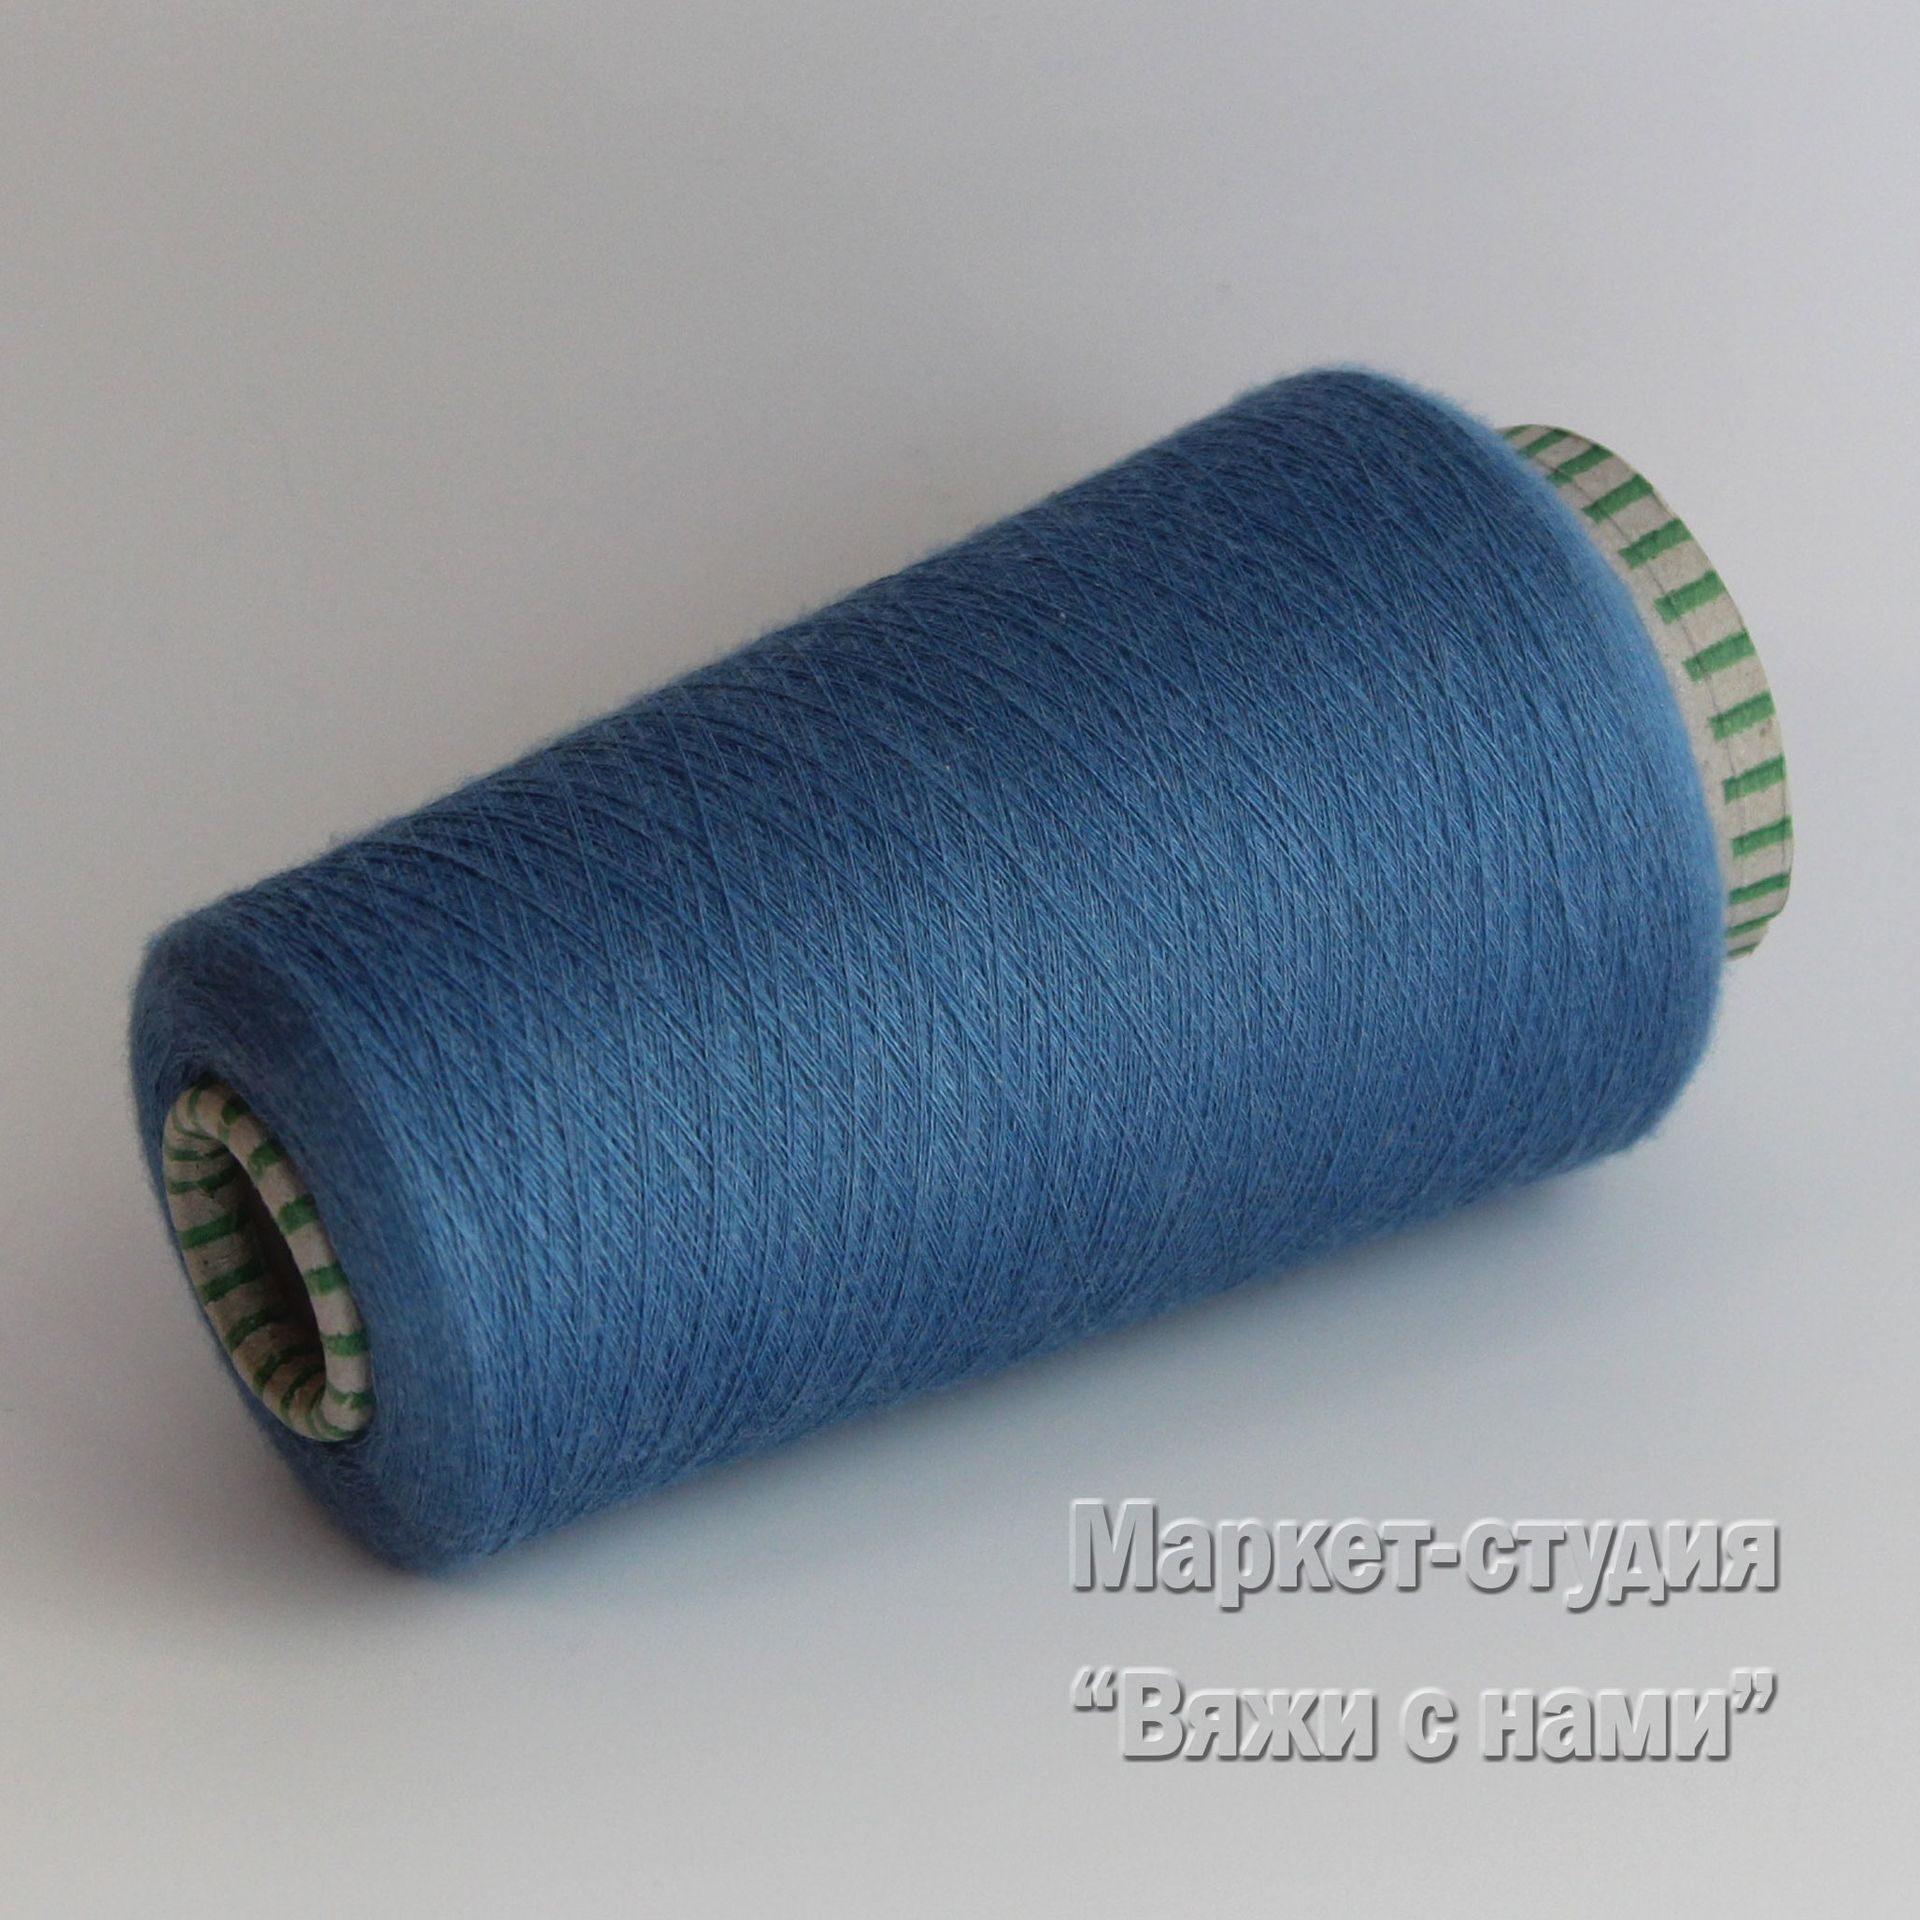 Купить пряжу интернет магазин пряжа для вязания вязание